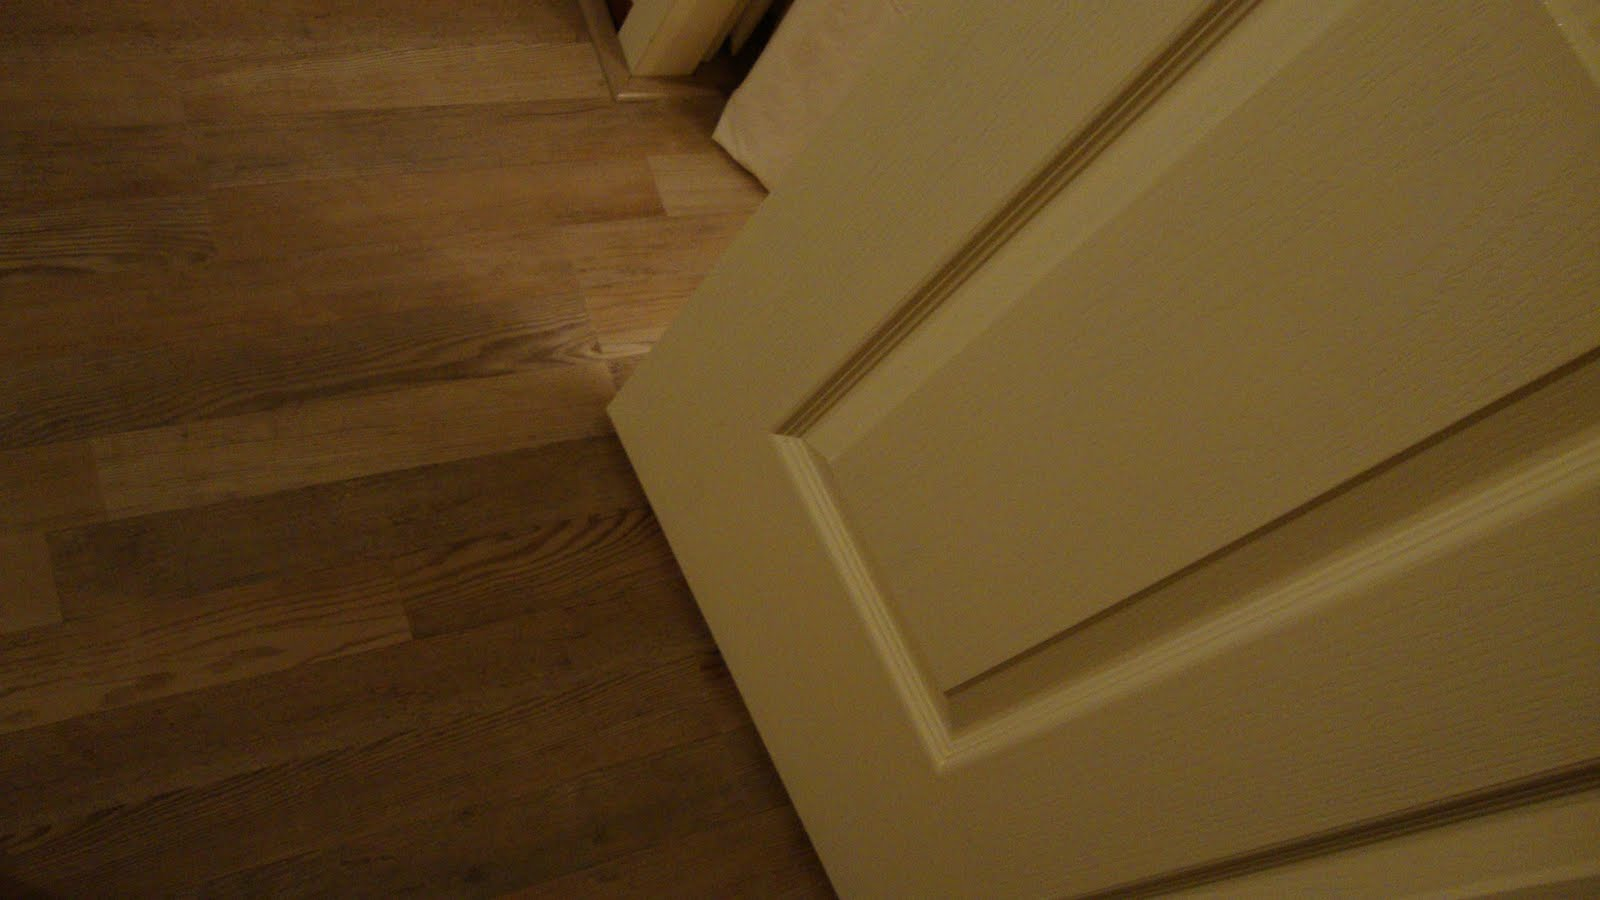 Laminate flooring way should lay laminate flooring for Laying laminate flooring